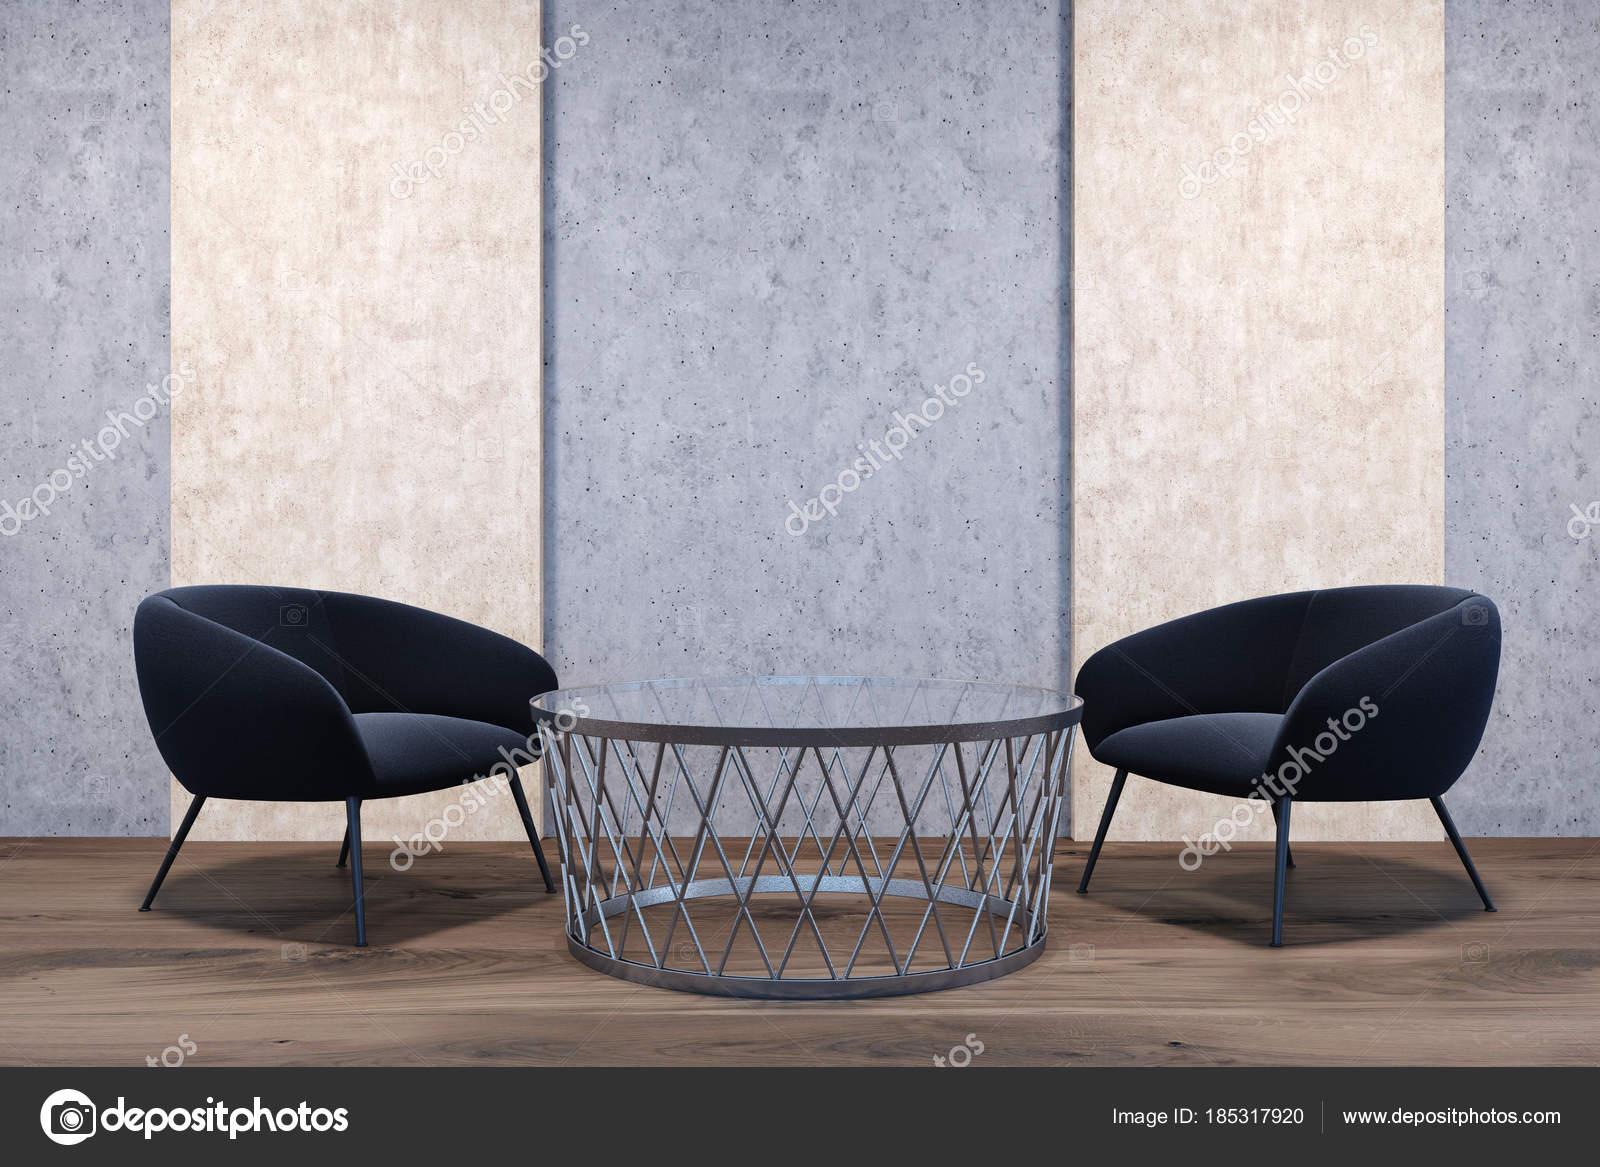 Fauteuils noirs dans une chambre beige et grise — Photographie ...